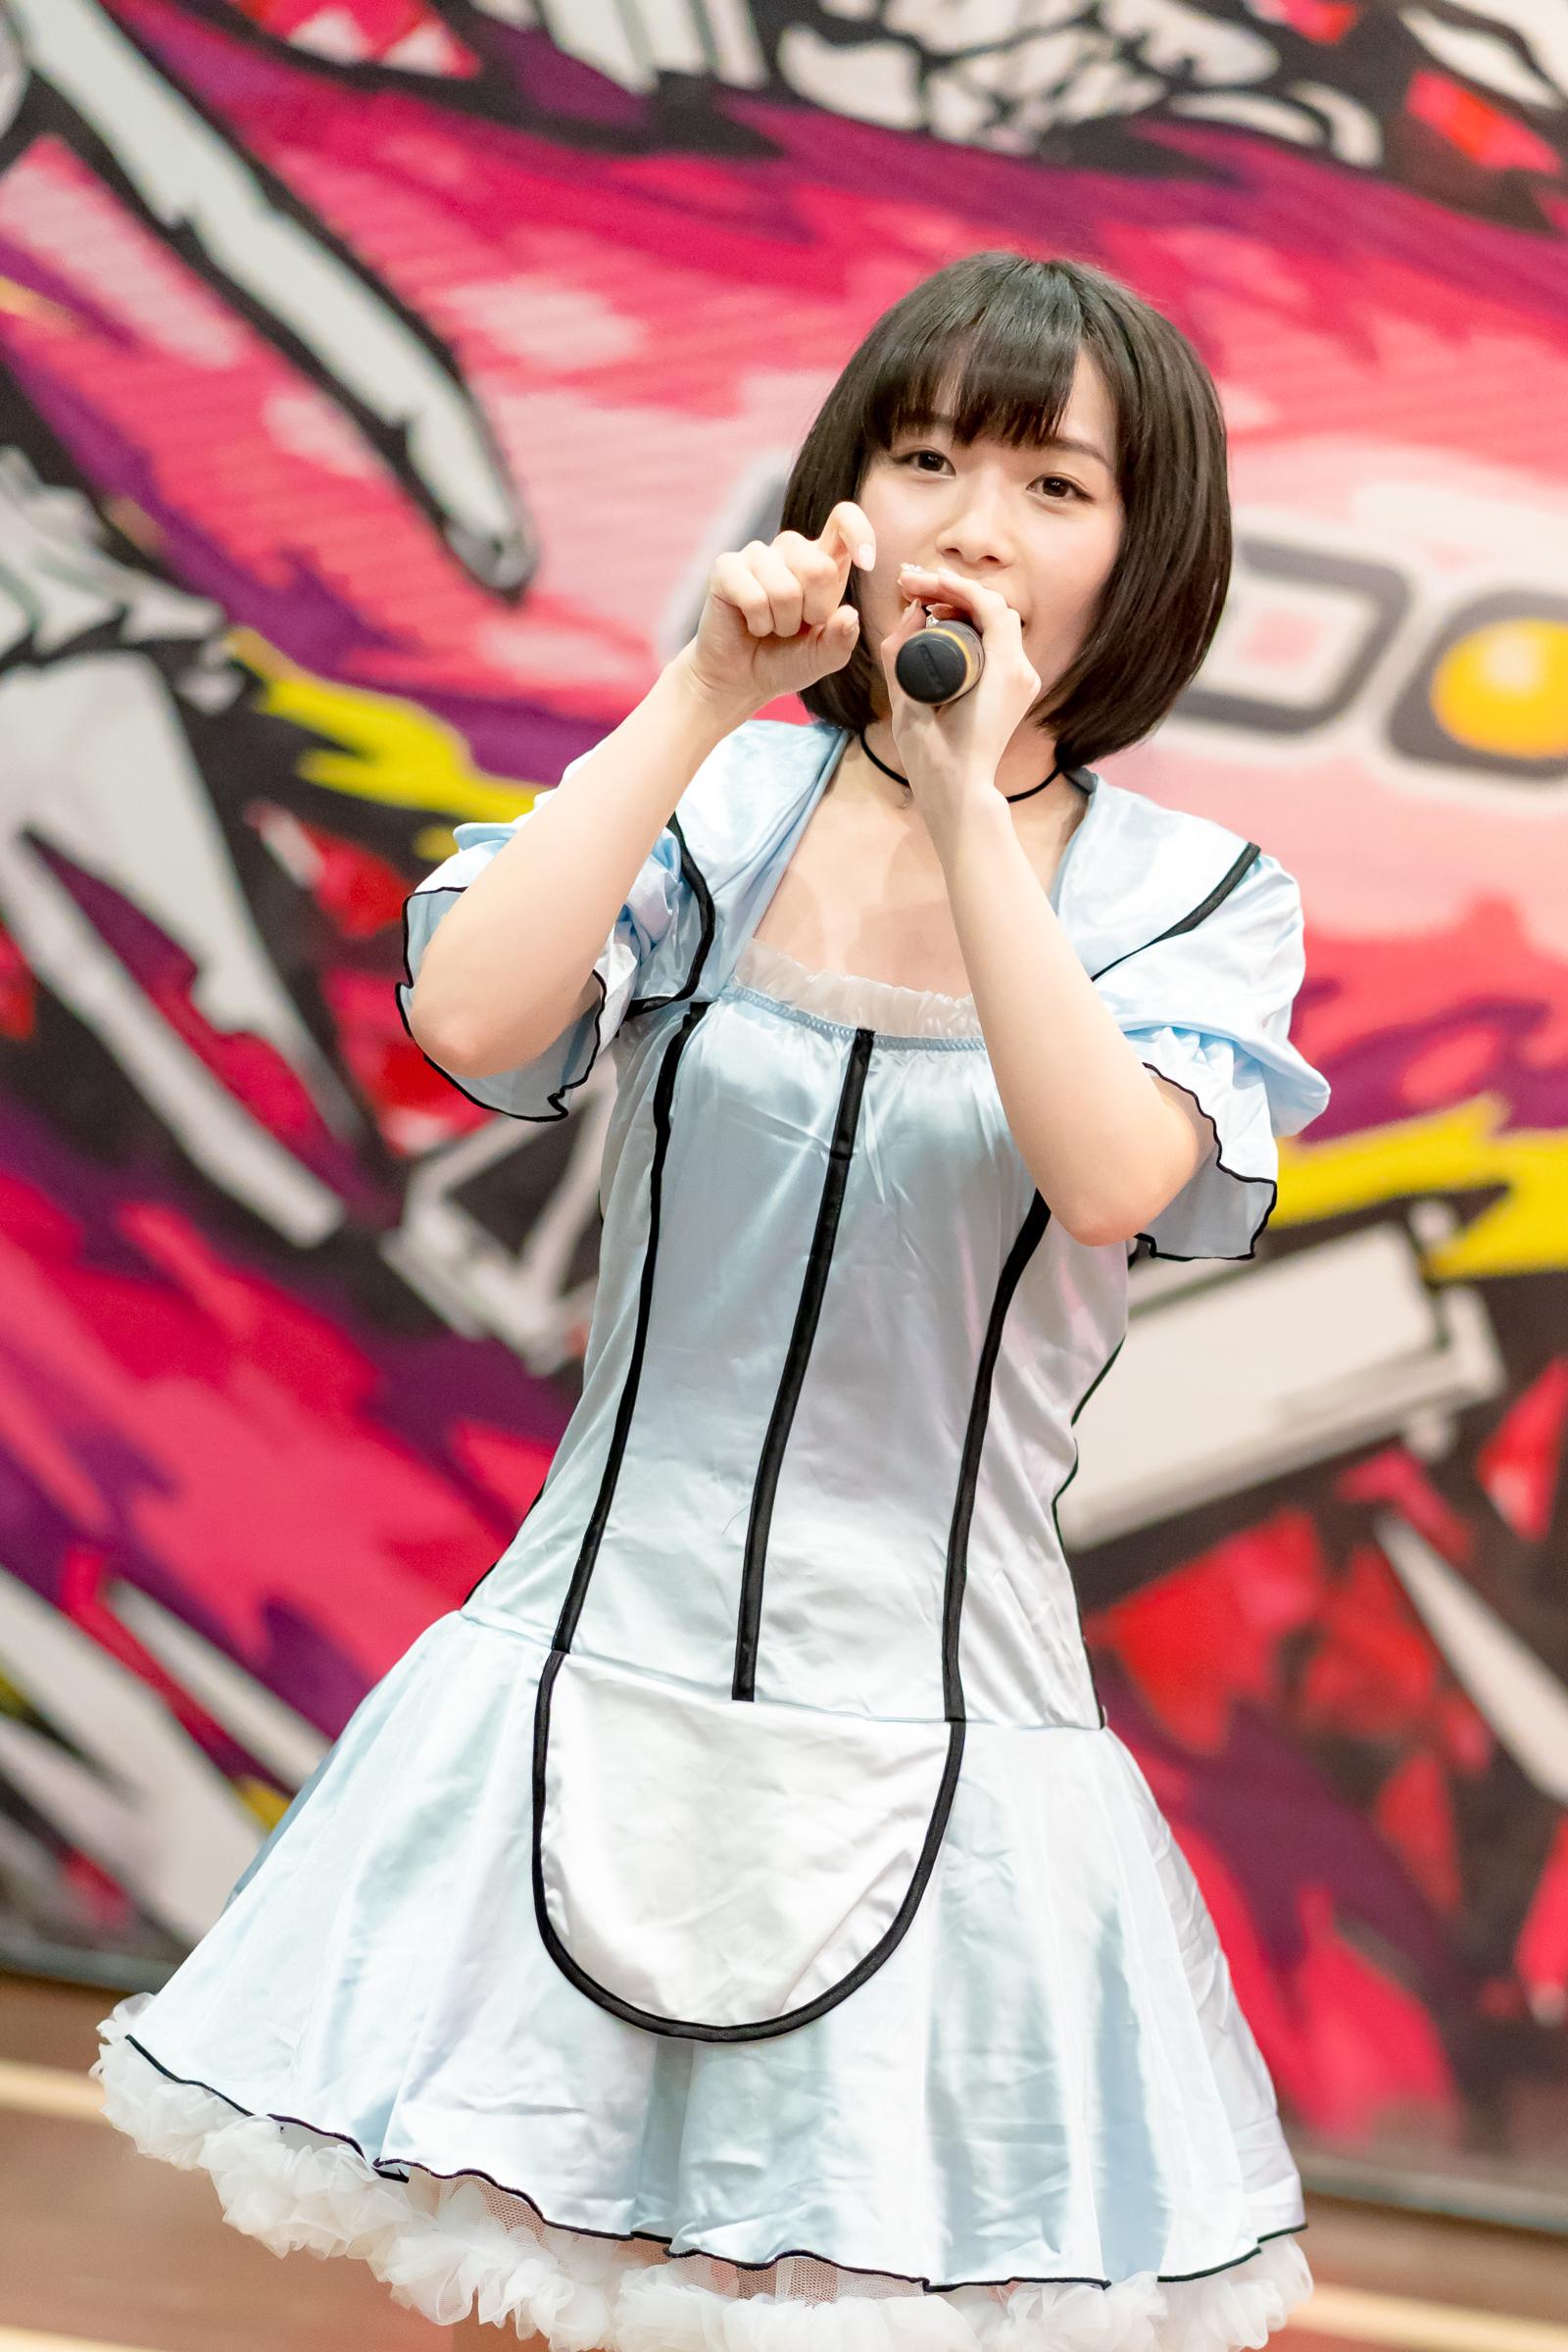 2代目HAPPY少女♪ みっちょ ( 本田みく ) | ディノスパーク×ライブプロ マンスリーLIVE vol.6